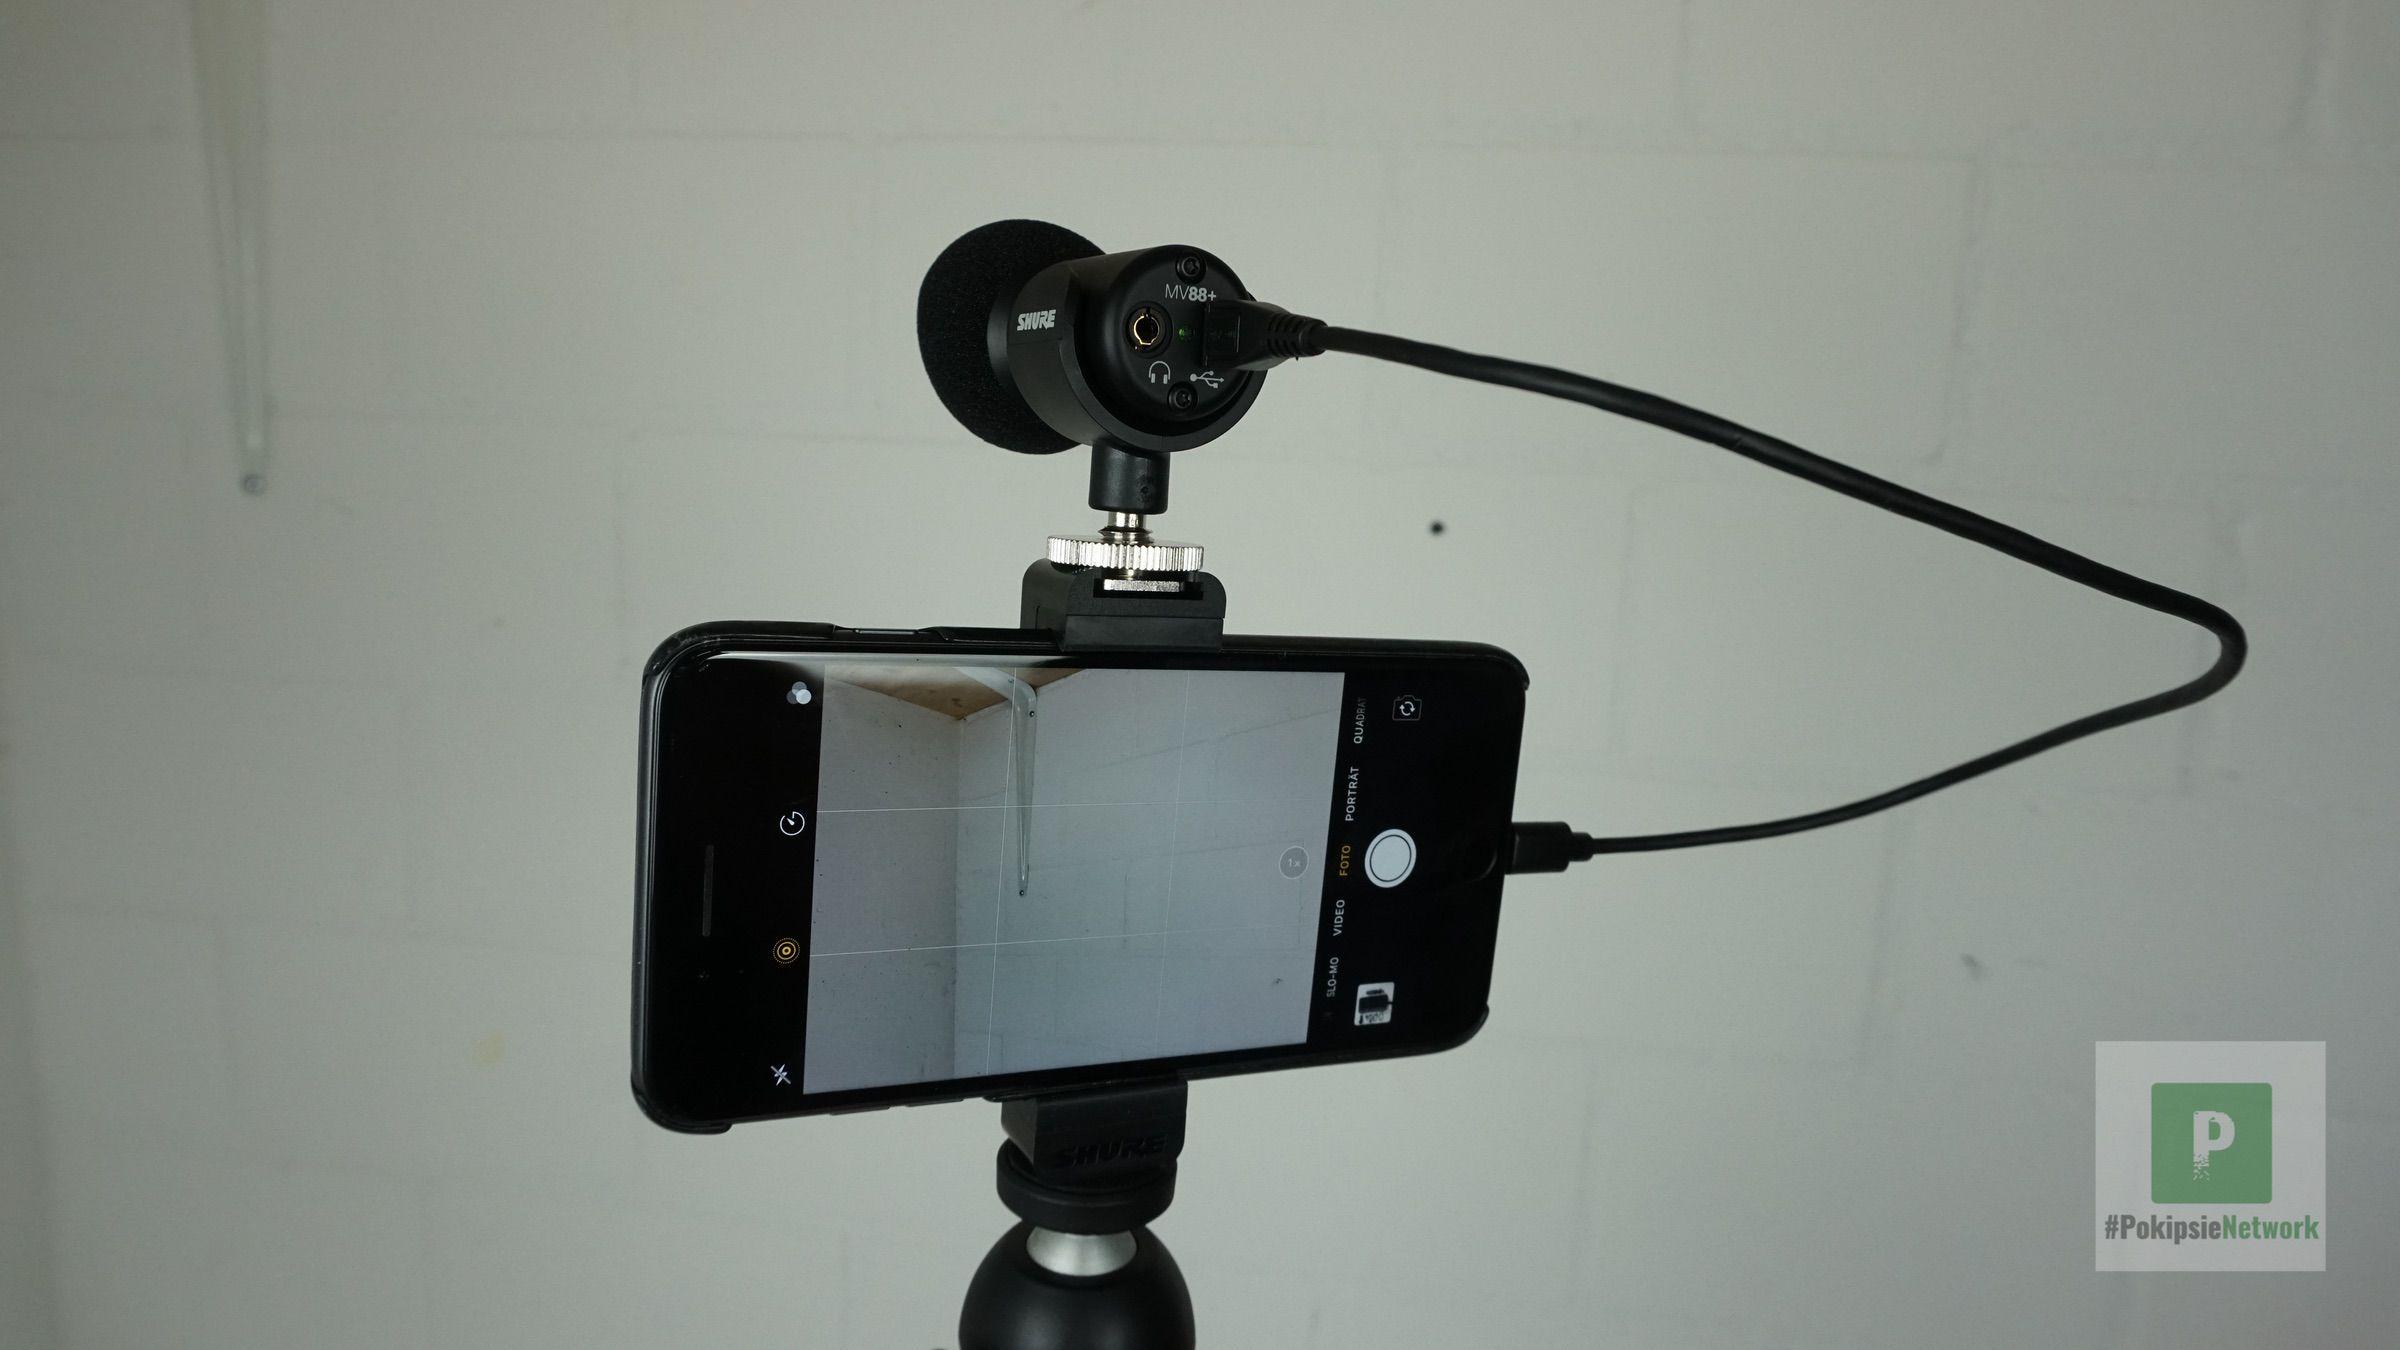 Alles am Smartphone Montiert